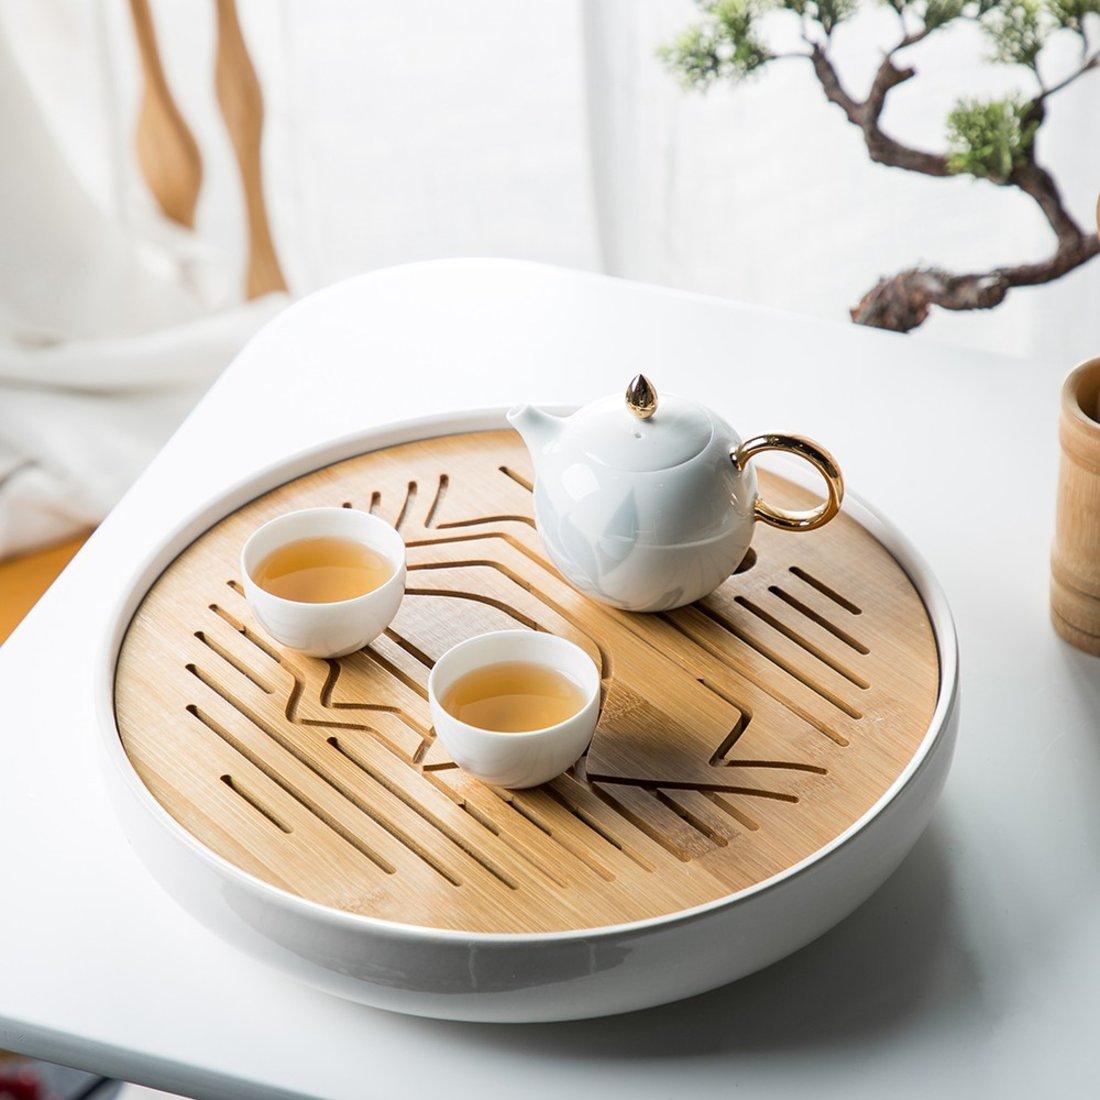 山影 茶盘(大号) 陶瓷材质 雕刻工艺 半镂空茶盘摆件